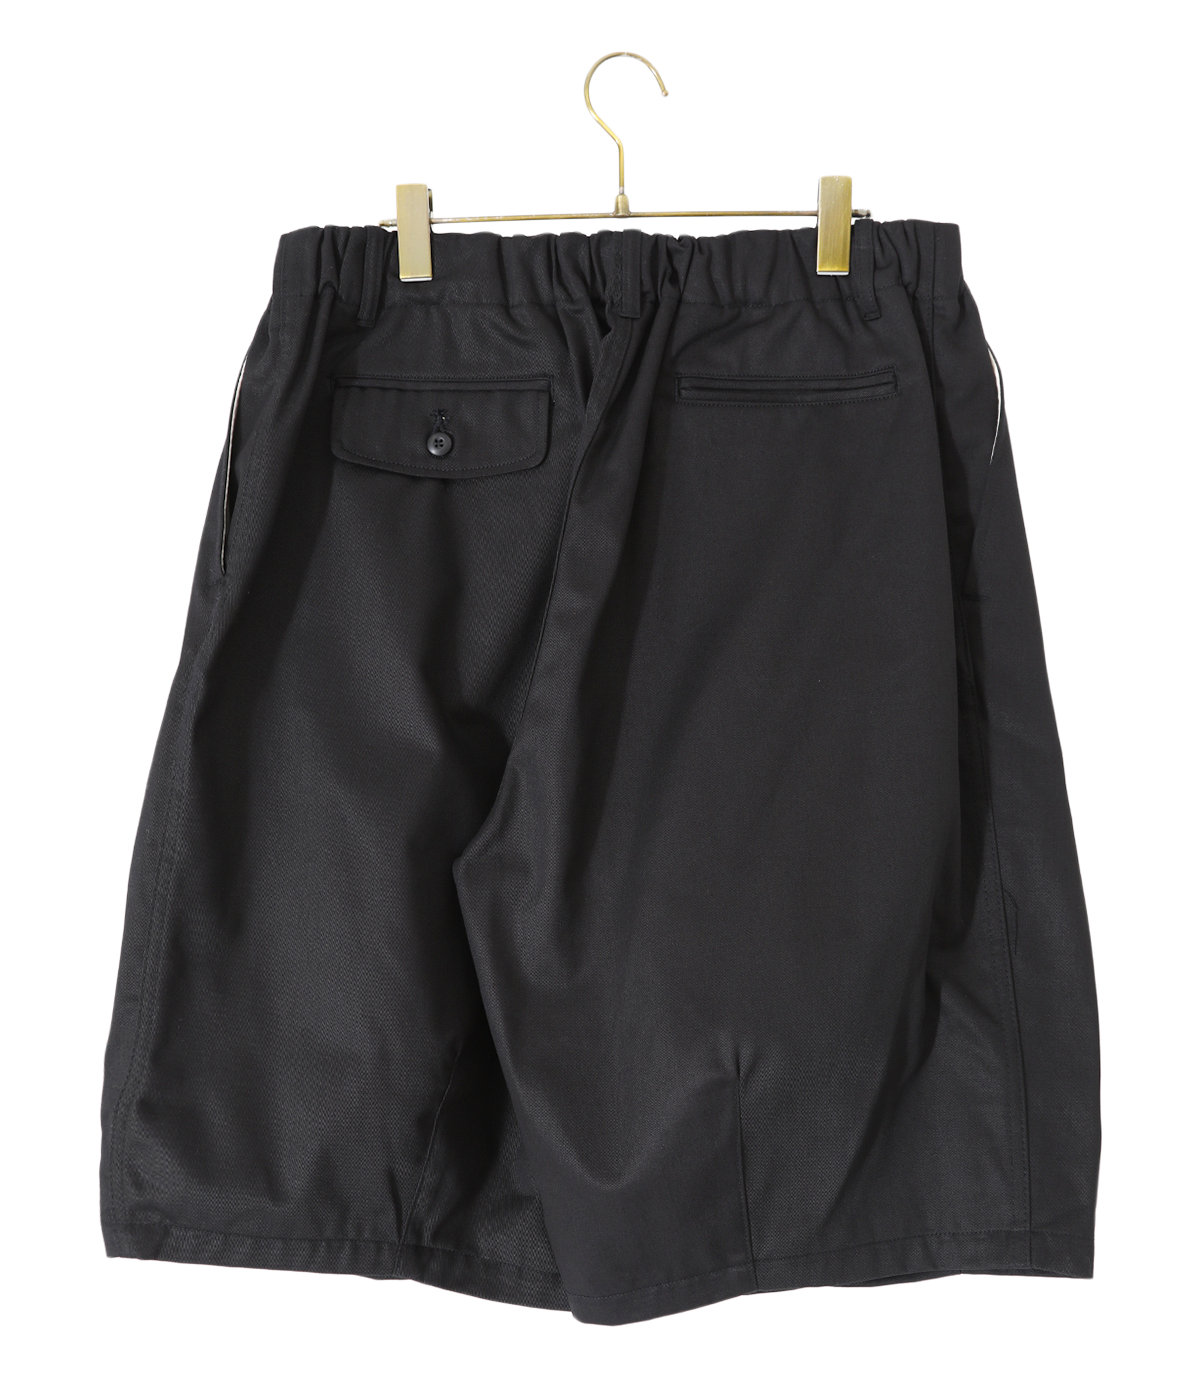 メーカースタッフ着用のため着用サイズの記載はございません。